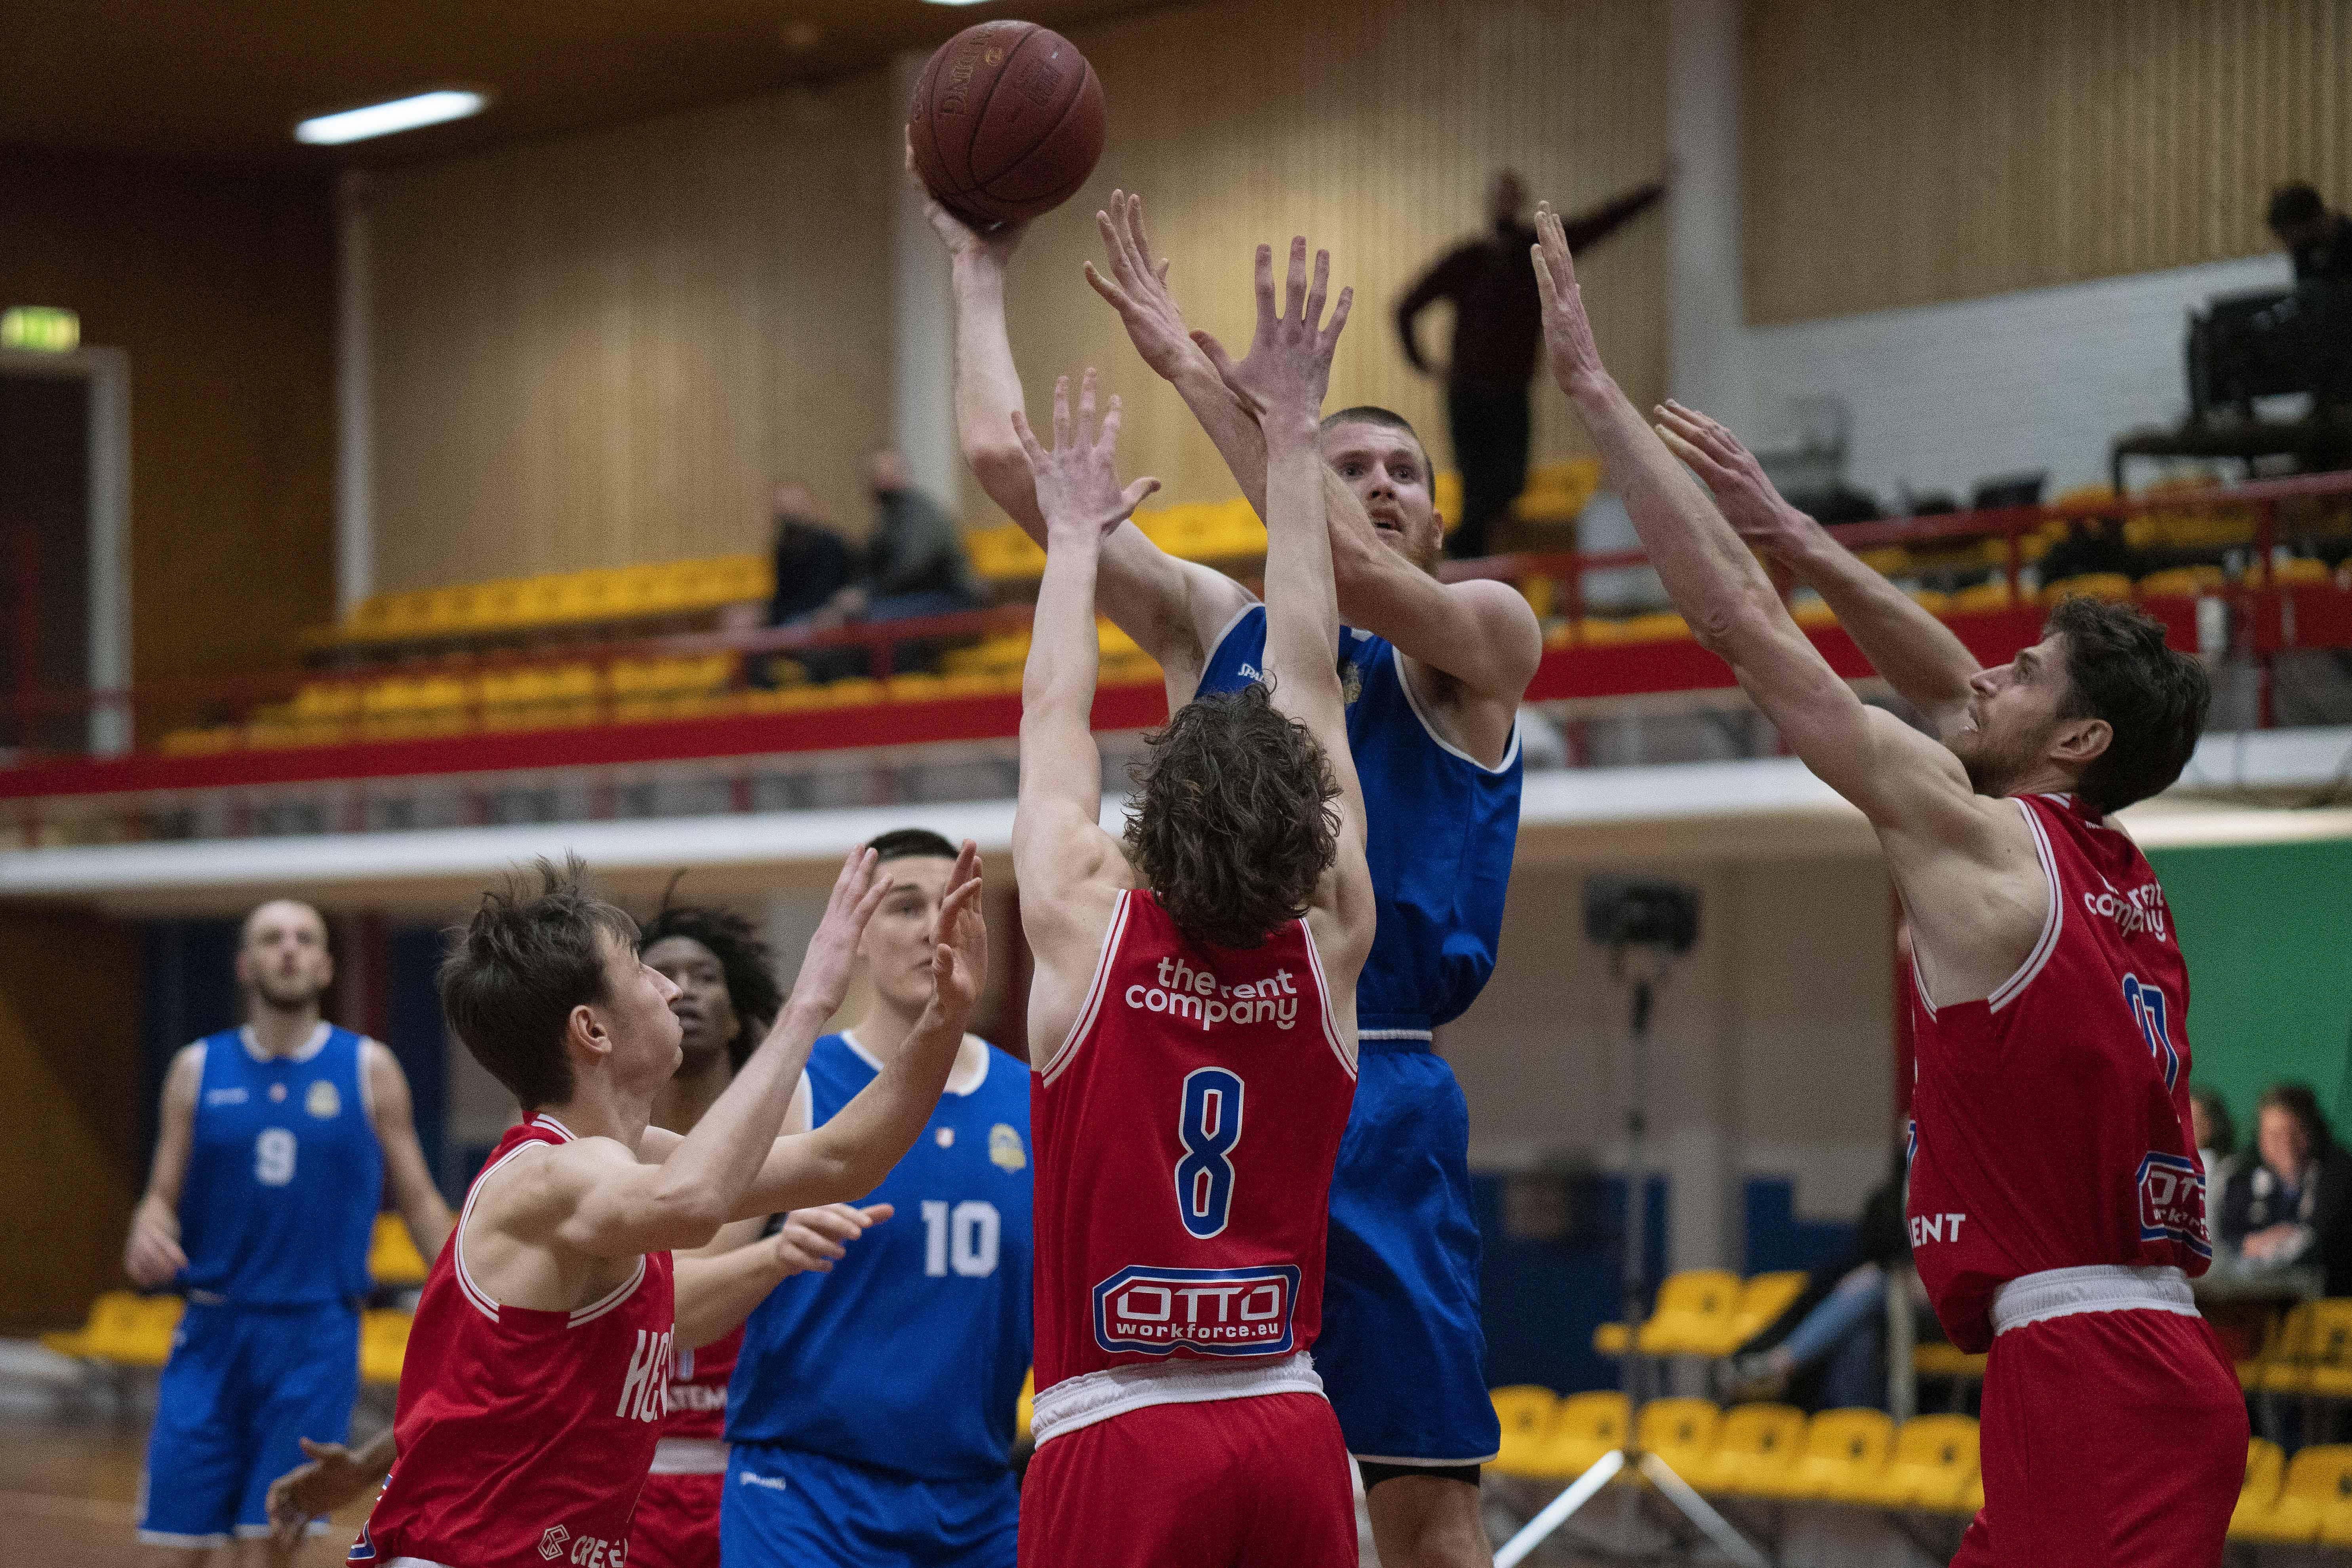 Er moet weer rekening gehouden worden met het Helderse basketbal: Suns verrast na Leiden ook Den Bosch en vrouwen kleineren Bemmel